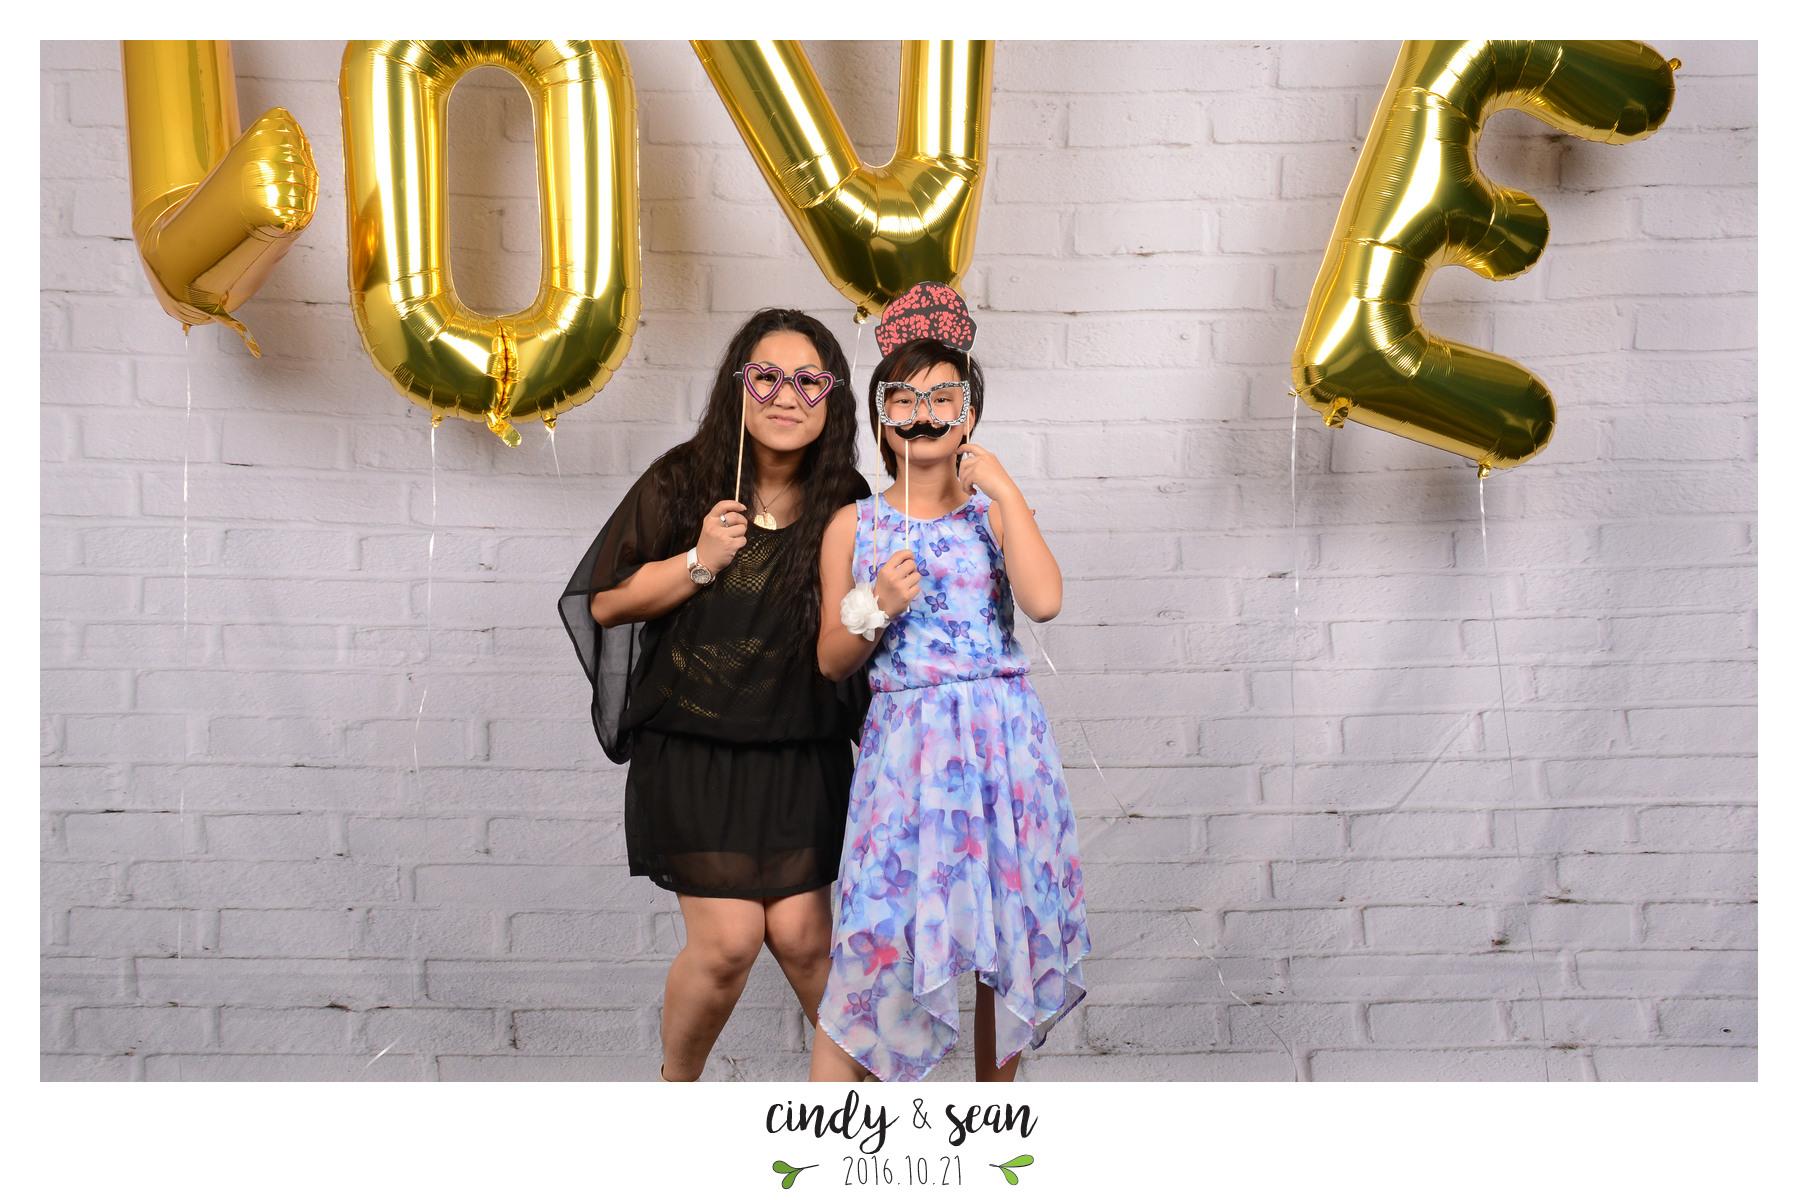 Cindy Sean Bae - 0001-78.jpg